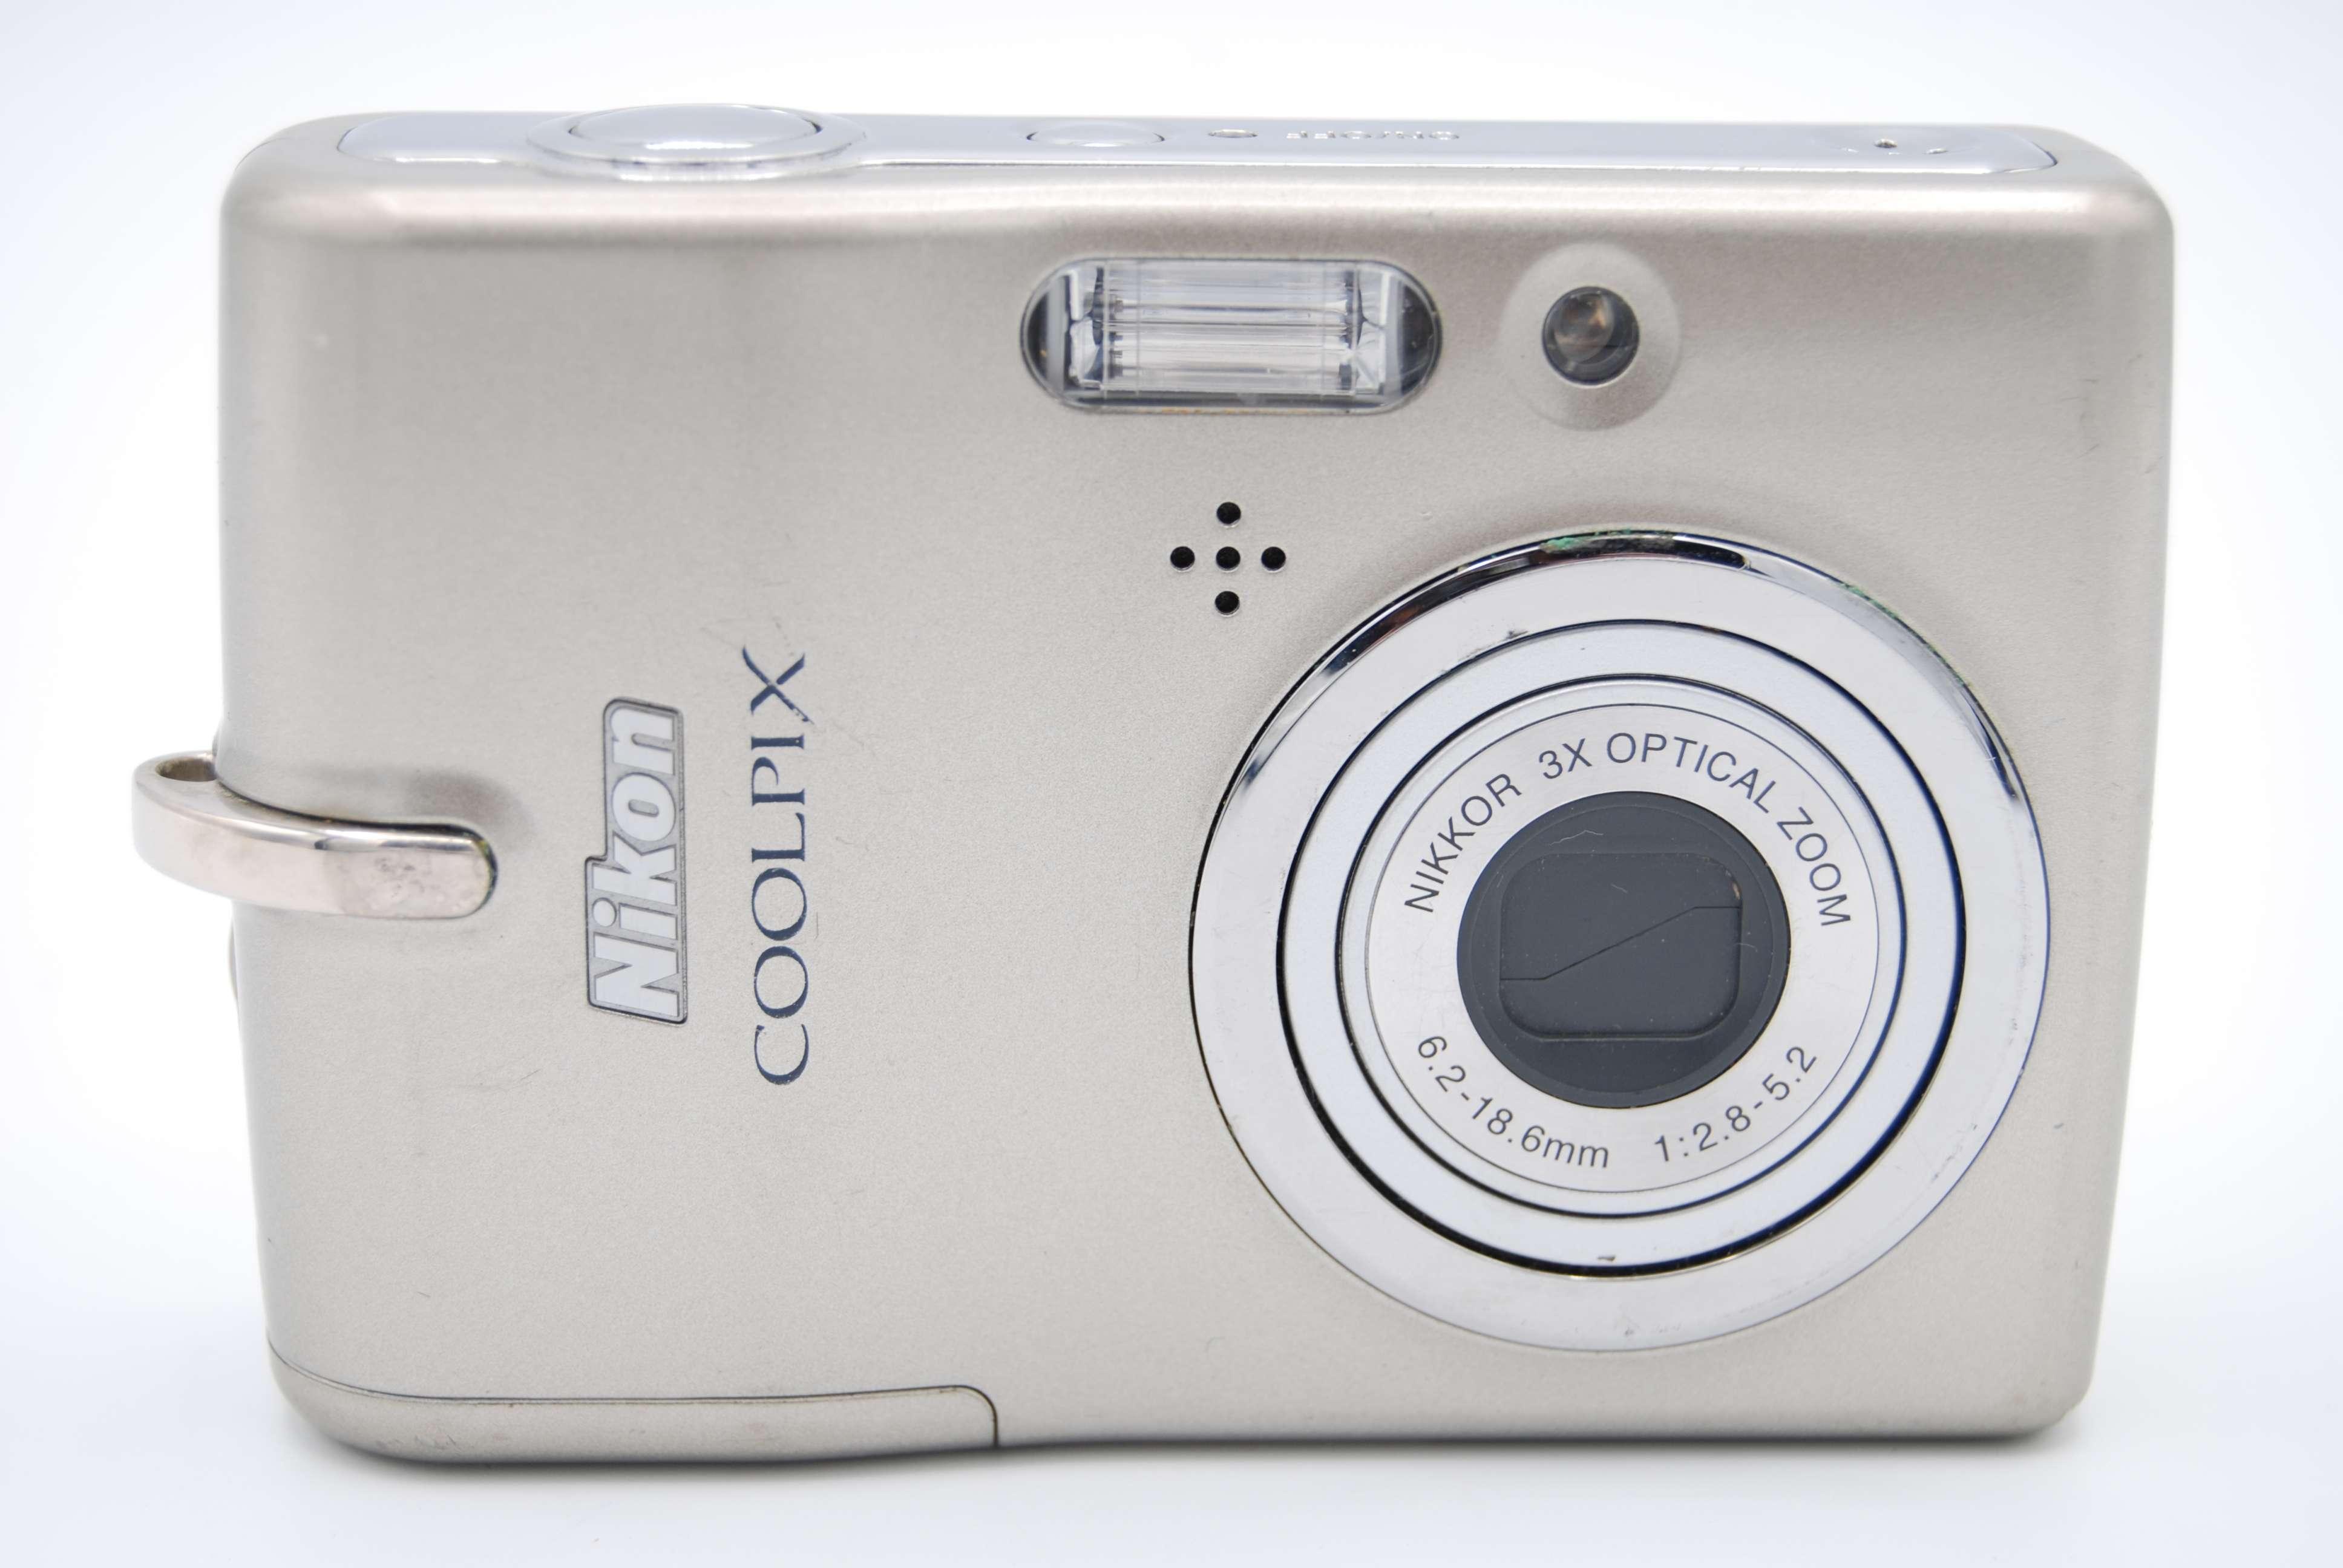 nikon coolpix l11 6 0 mp 2 4 screen 3x digital camera no battery rh ebay com Memory Card Nikon Coolpix L11 Nikon Coolpix 532